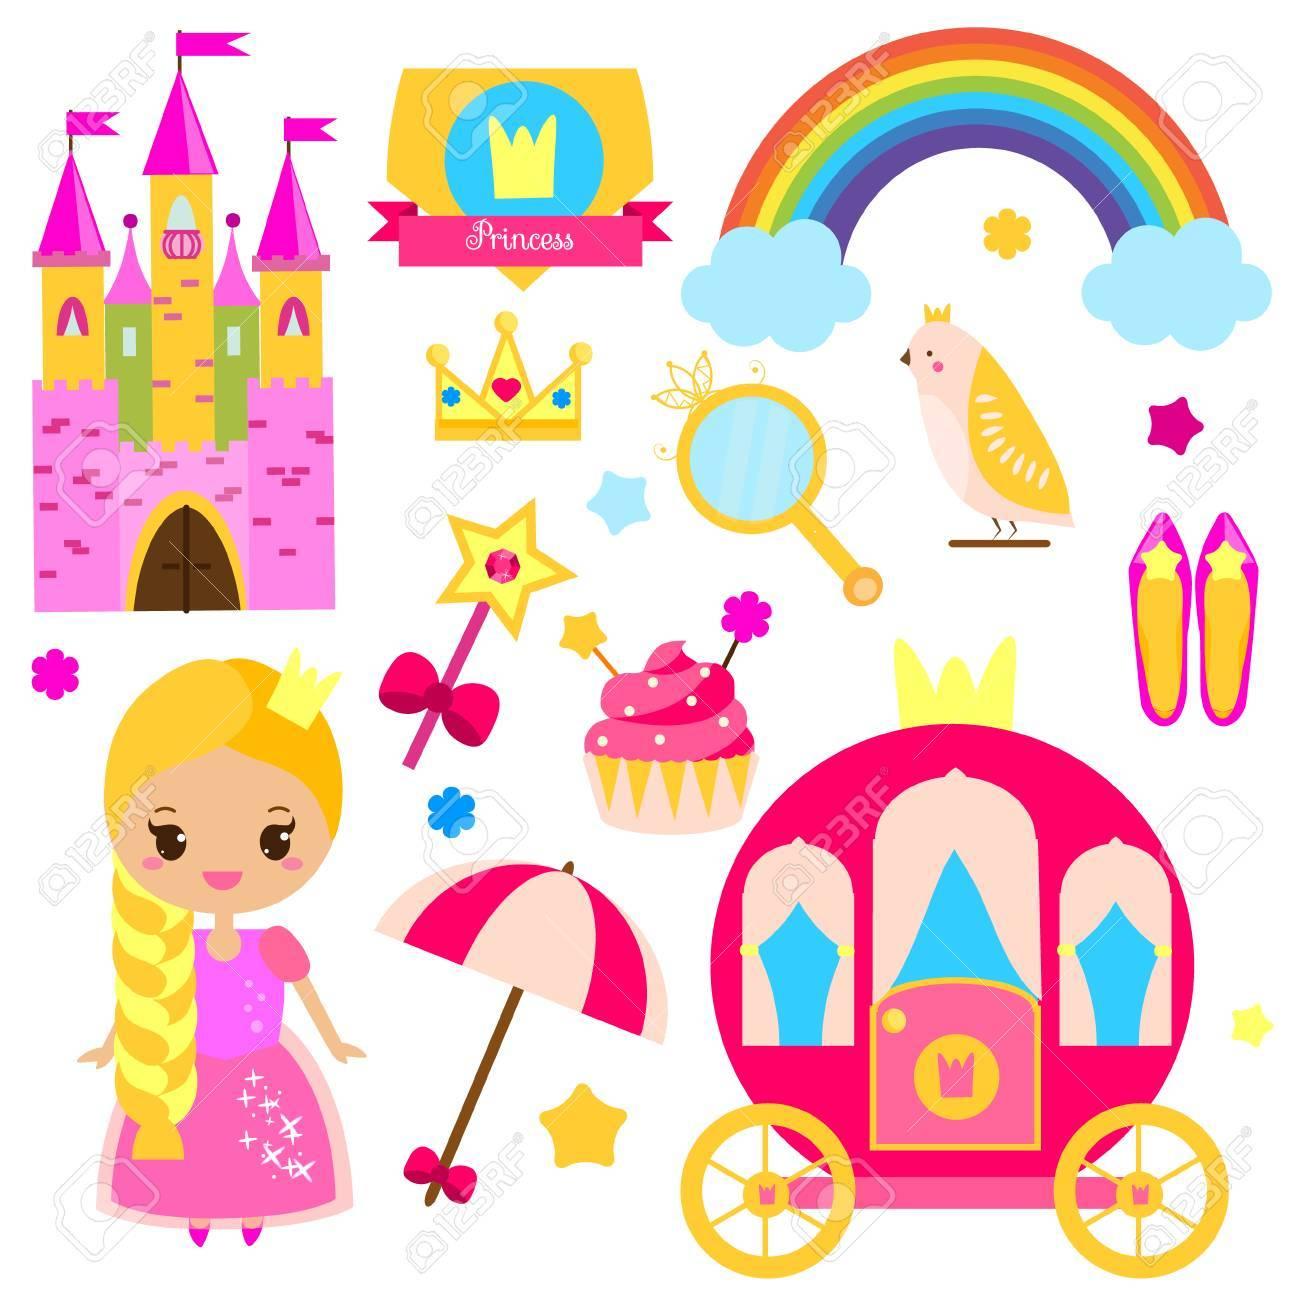 Child symbols clipart clip art library download Children princess party design elements. Stickers, clip art for ... clip art library download